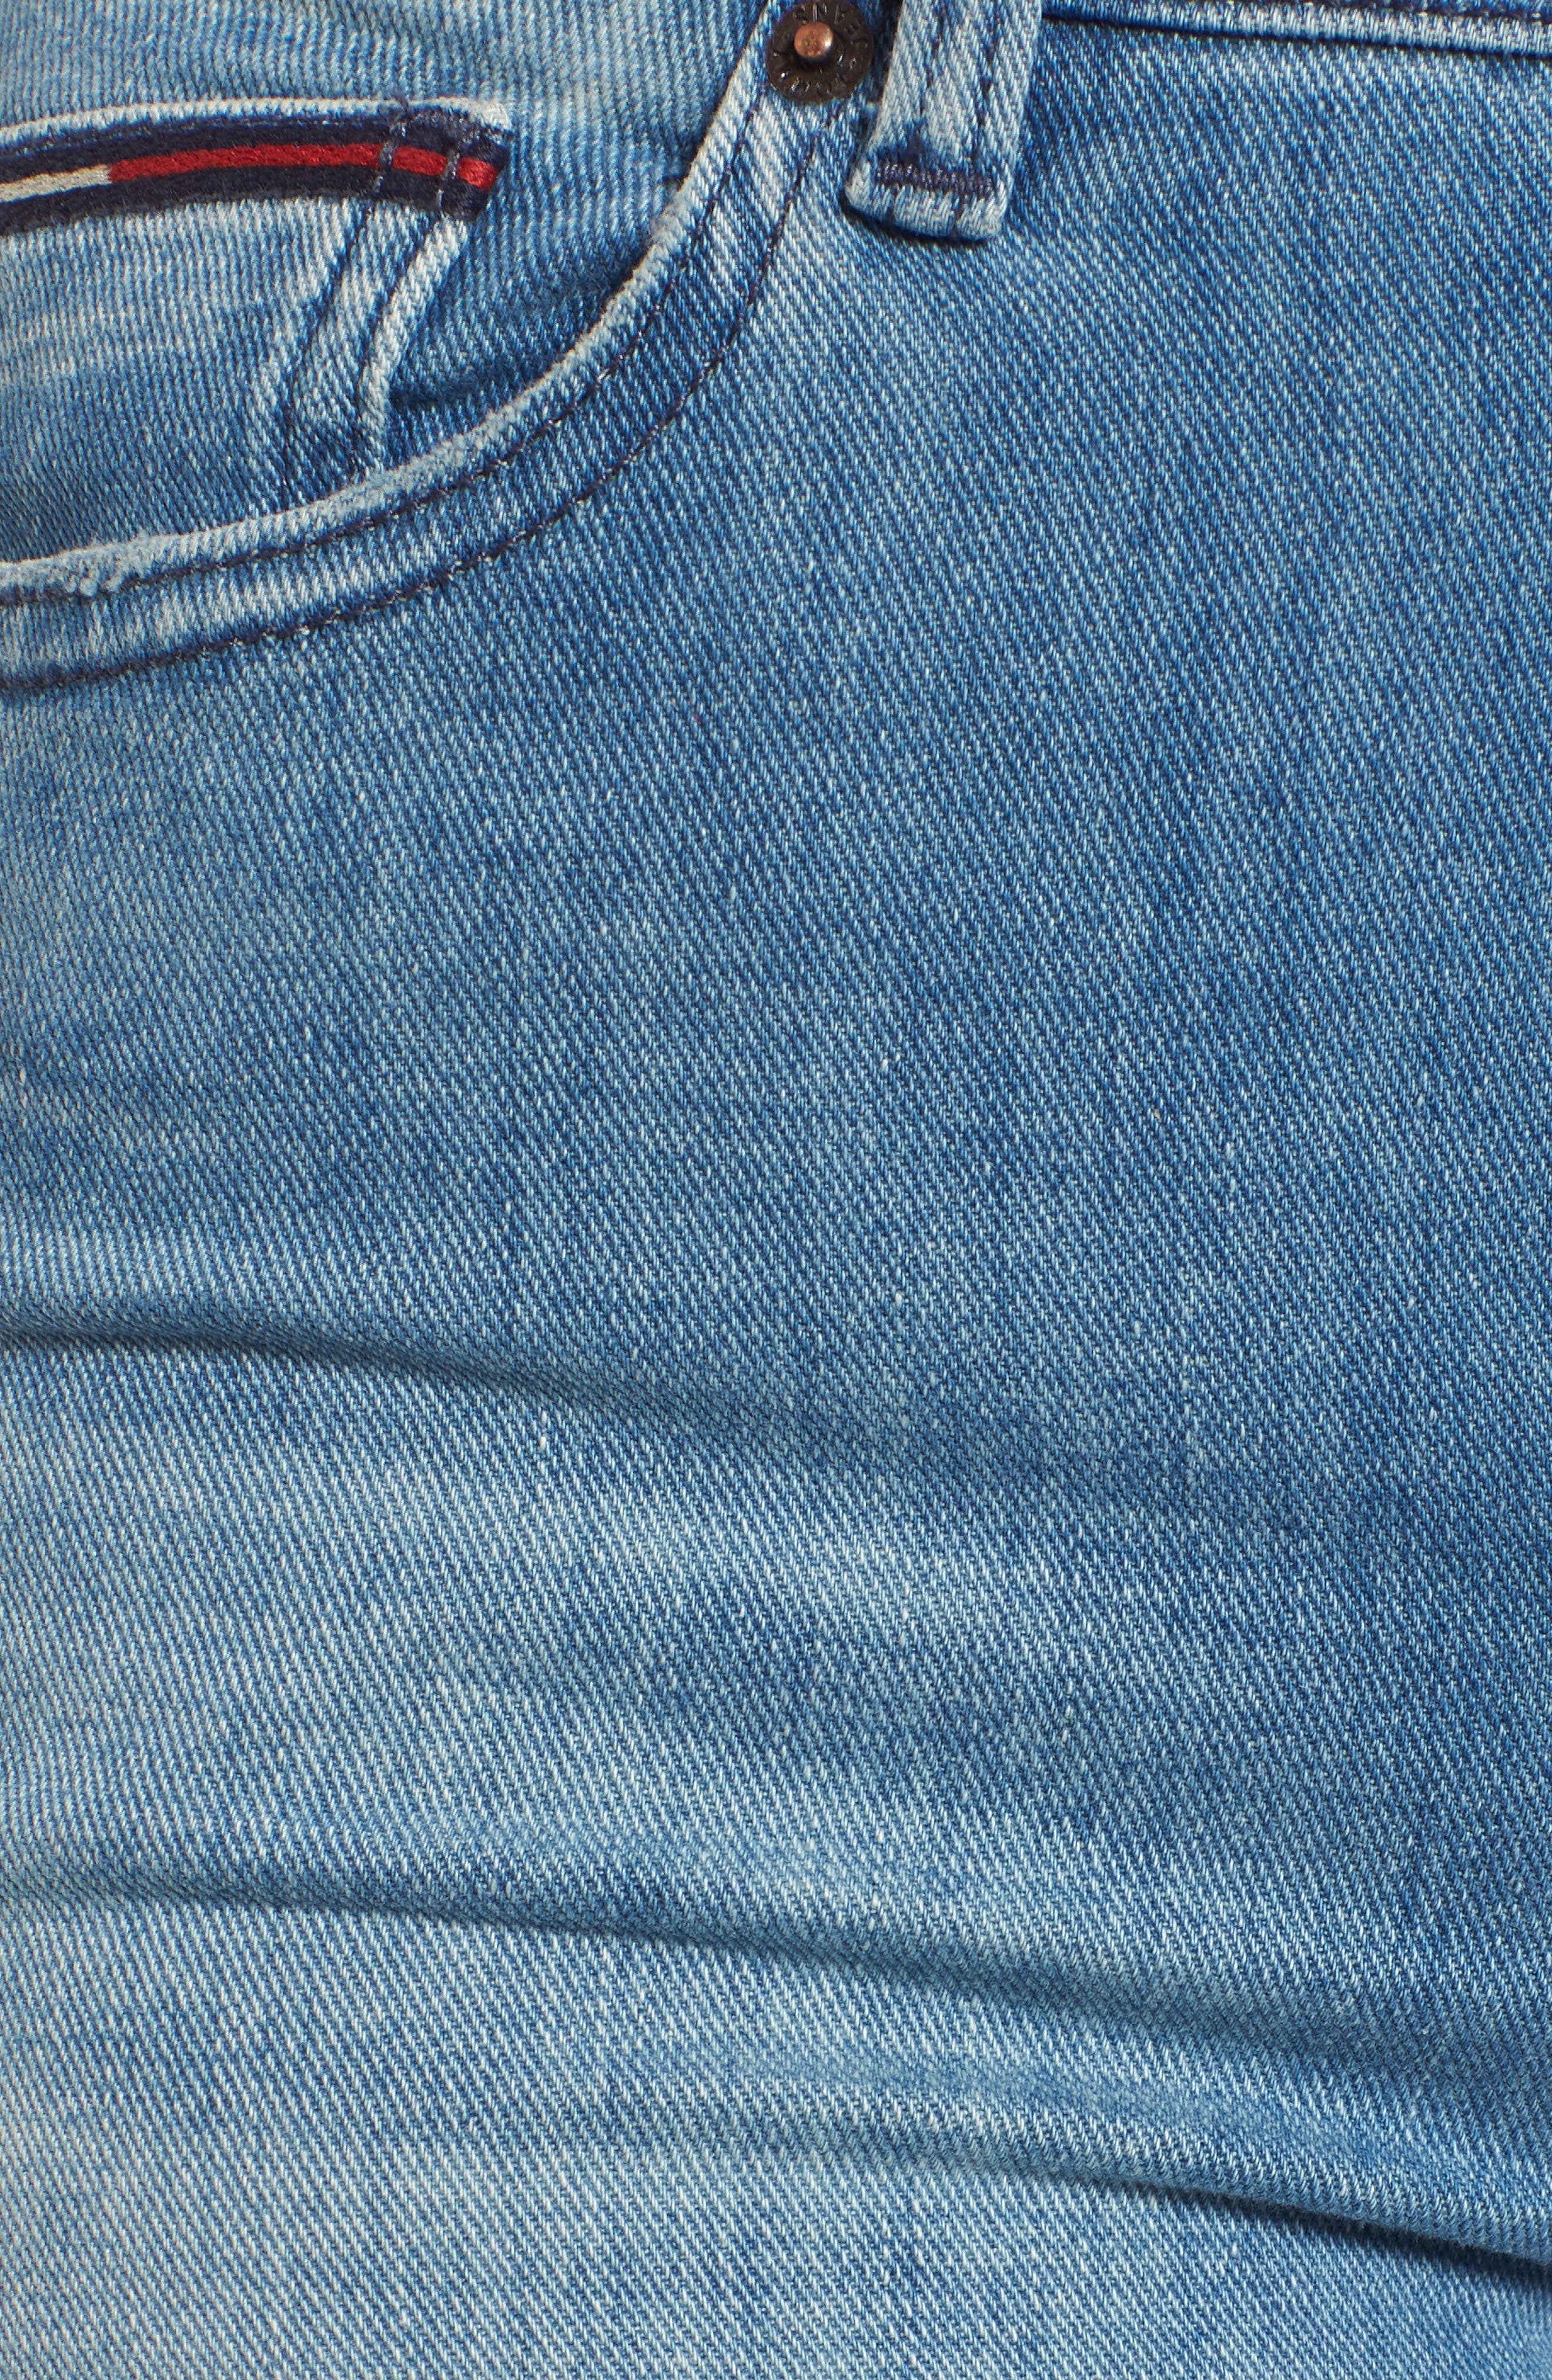 Izzy High Waist Slim Leg Jeans,                             Alternate thumbnail 6, color,                             Denver Light Blue Comfort